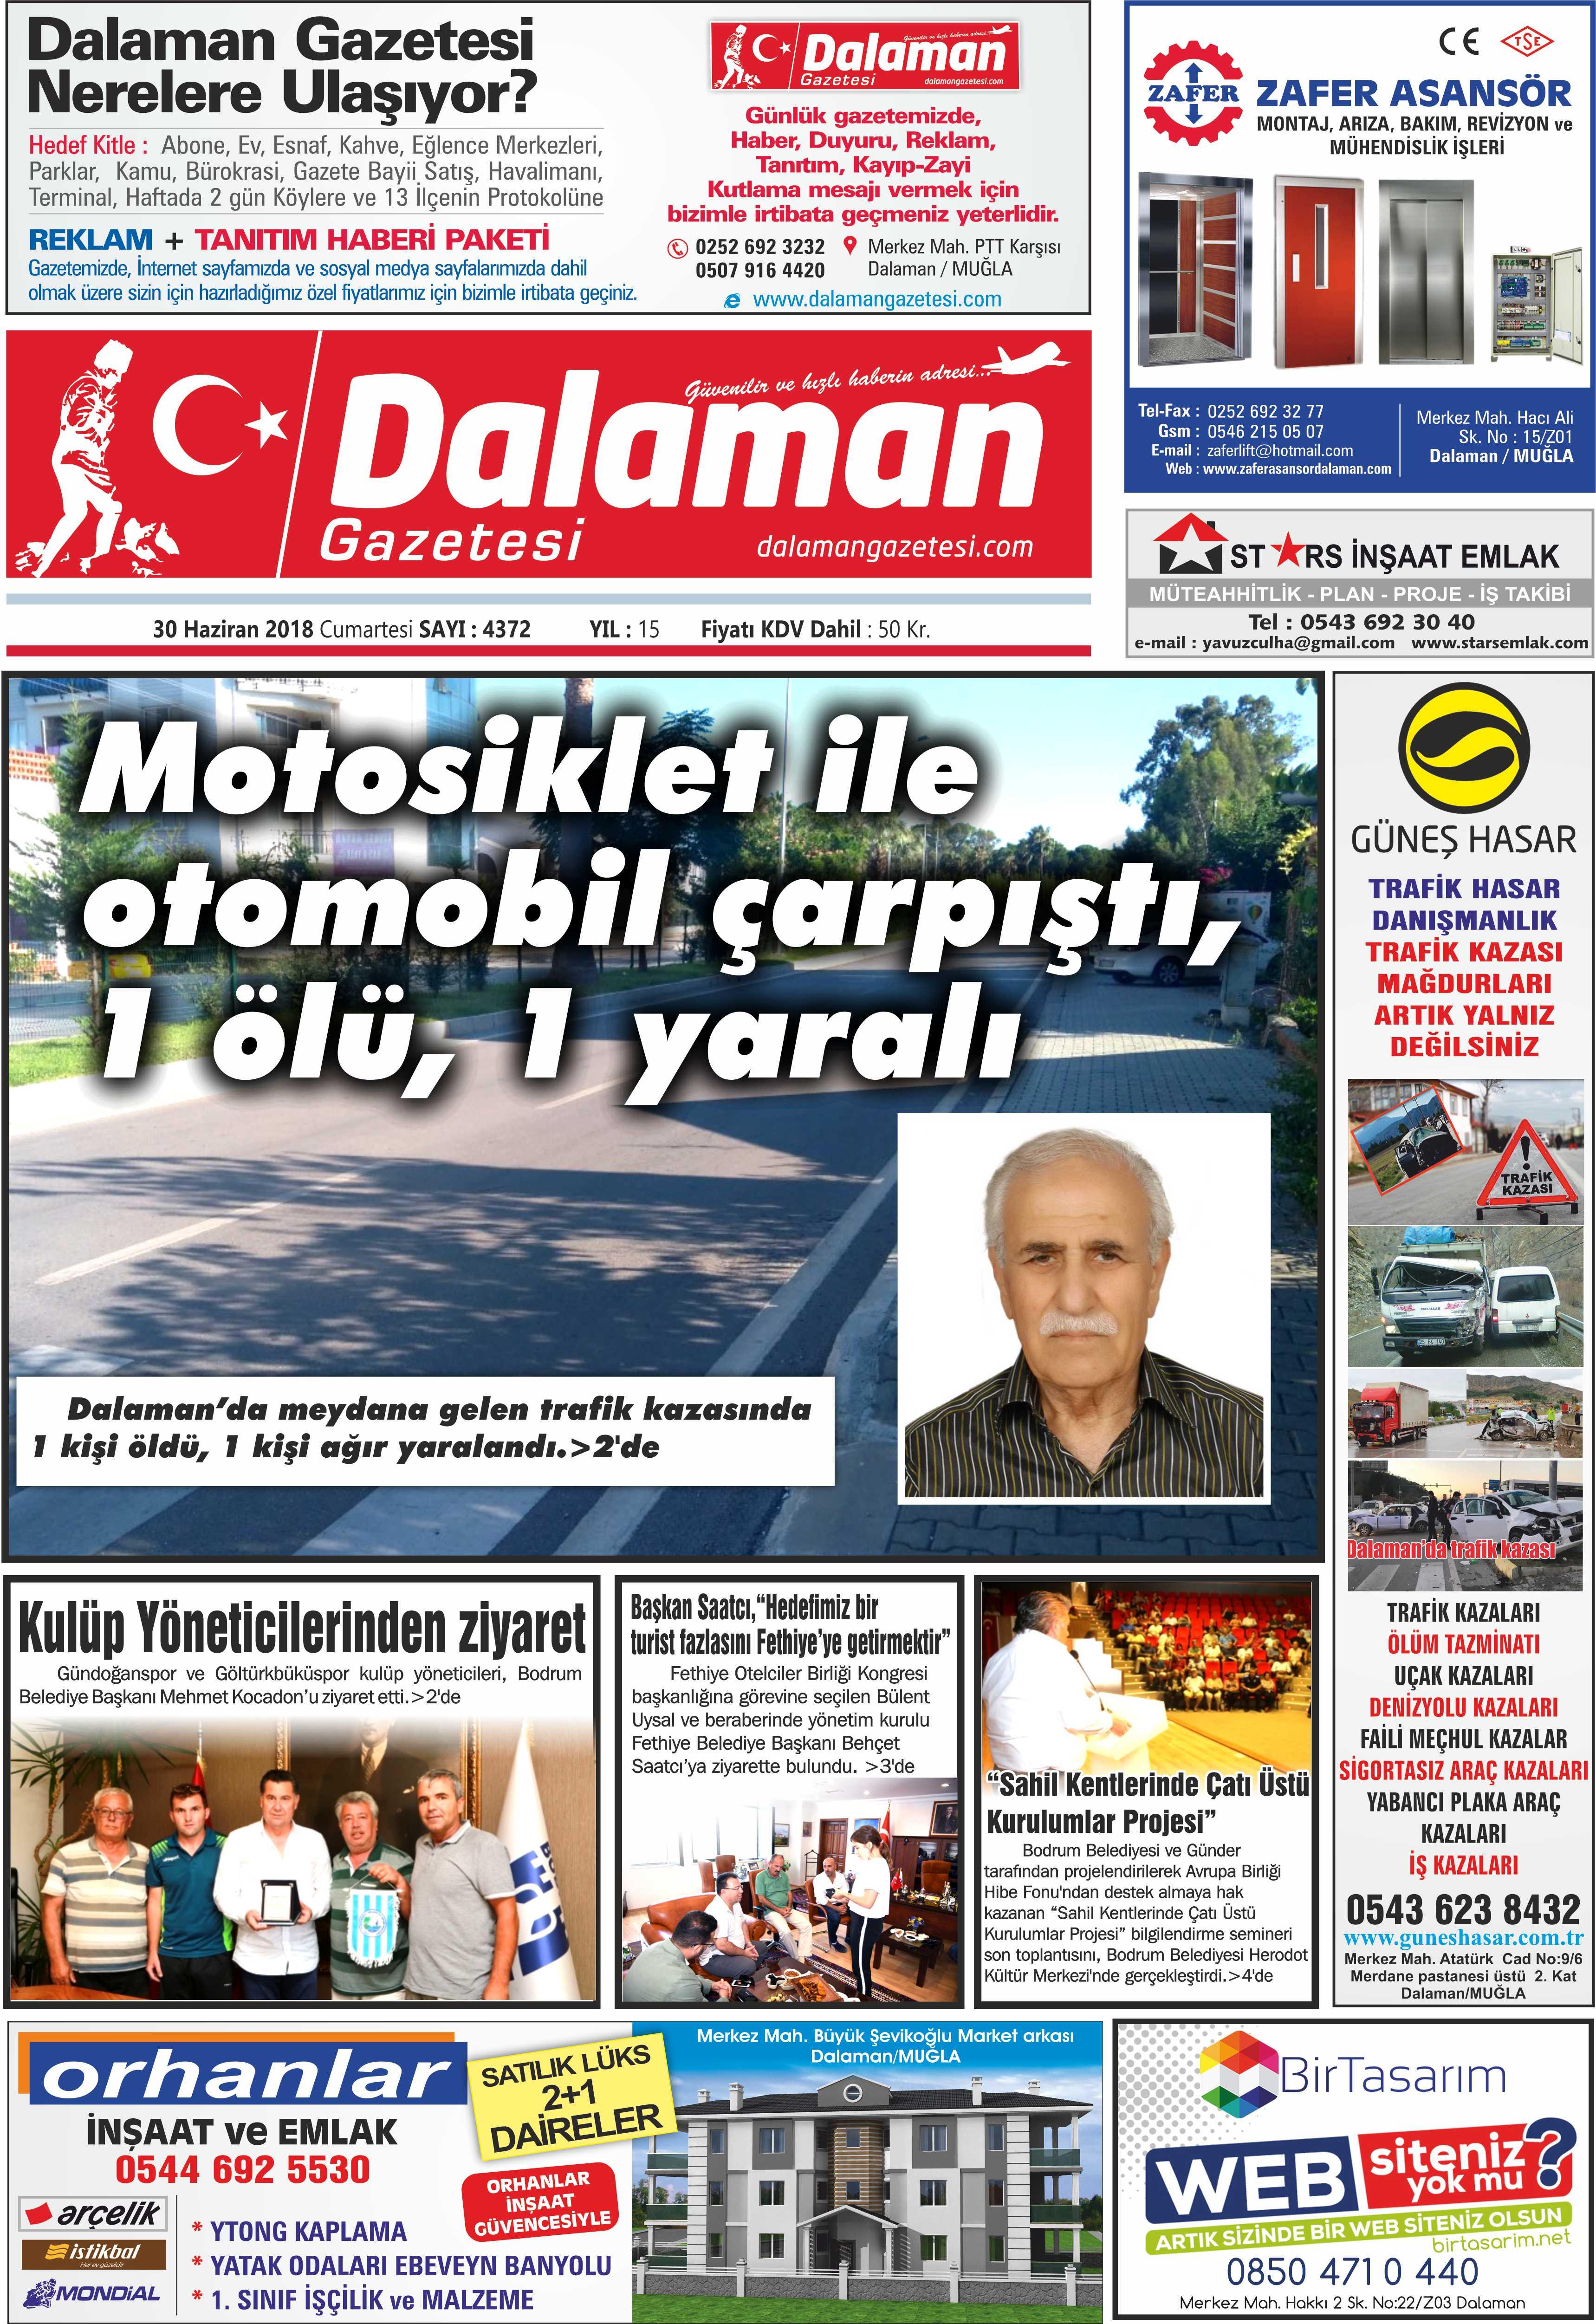 30.6.2018 0 - Dalaman'dan haber başlıkları